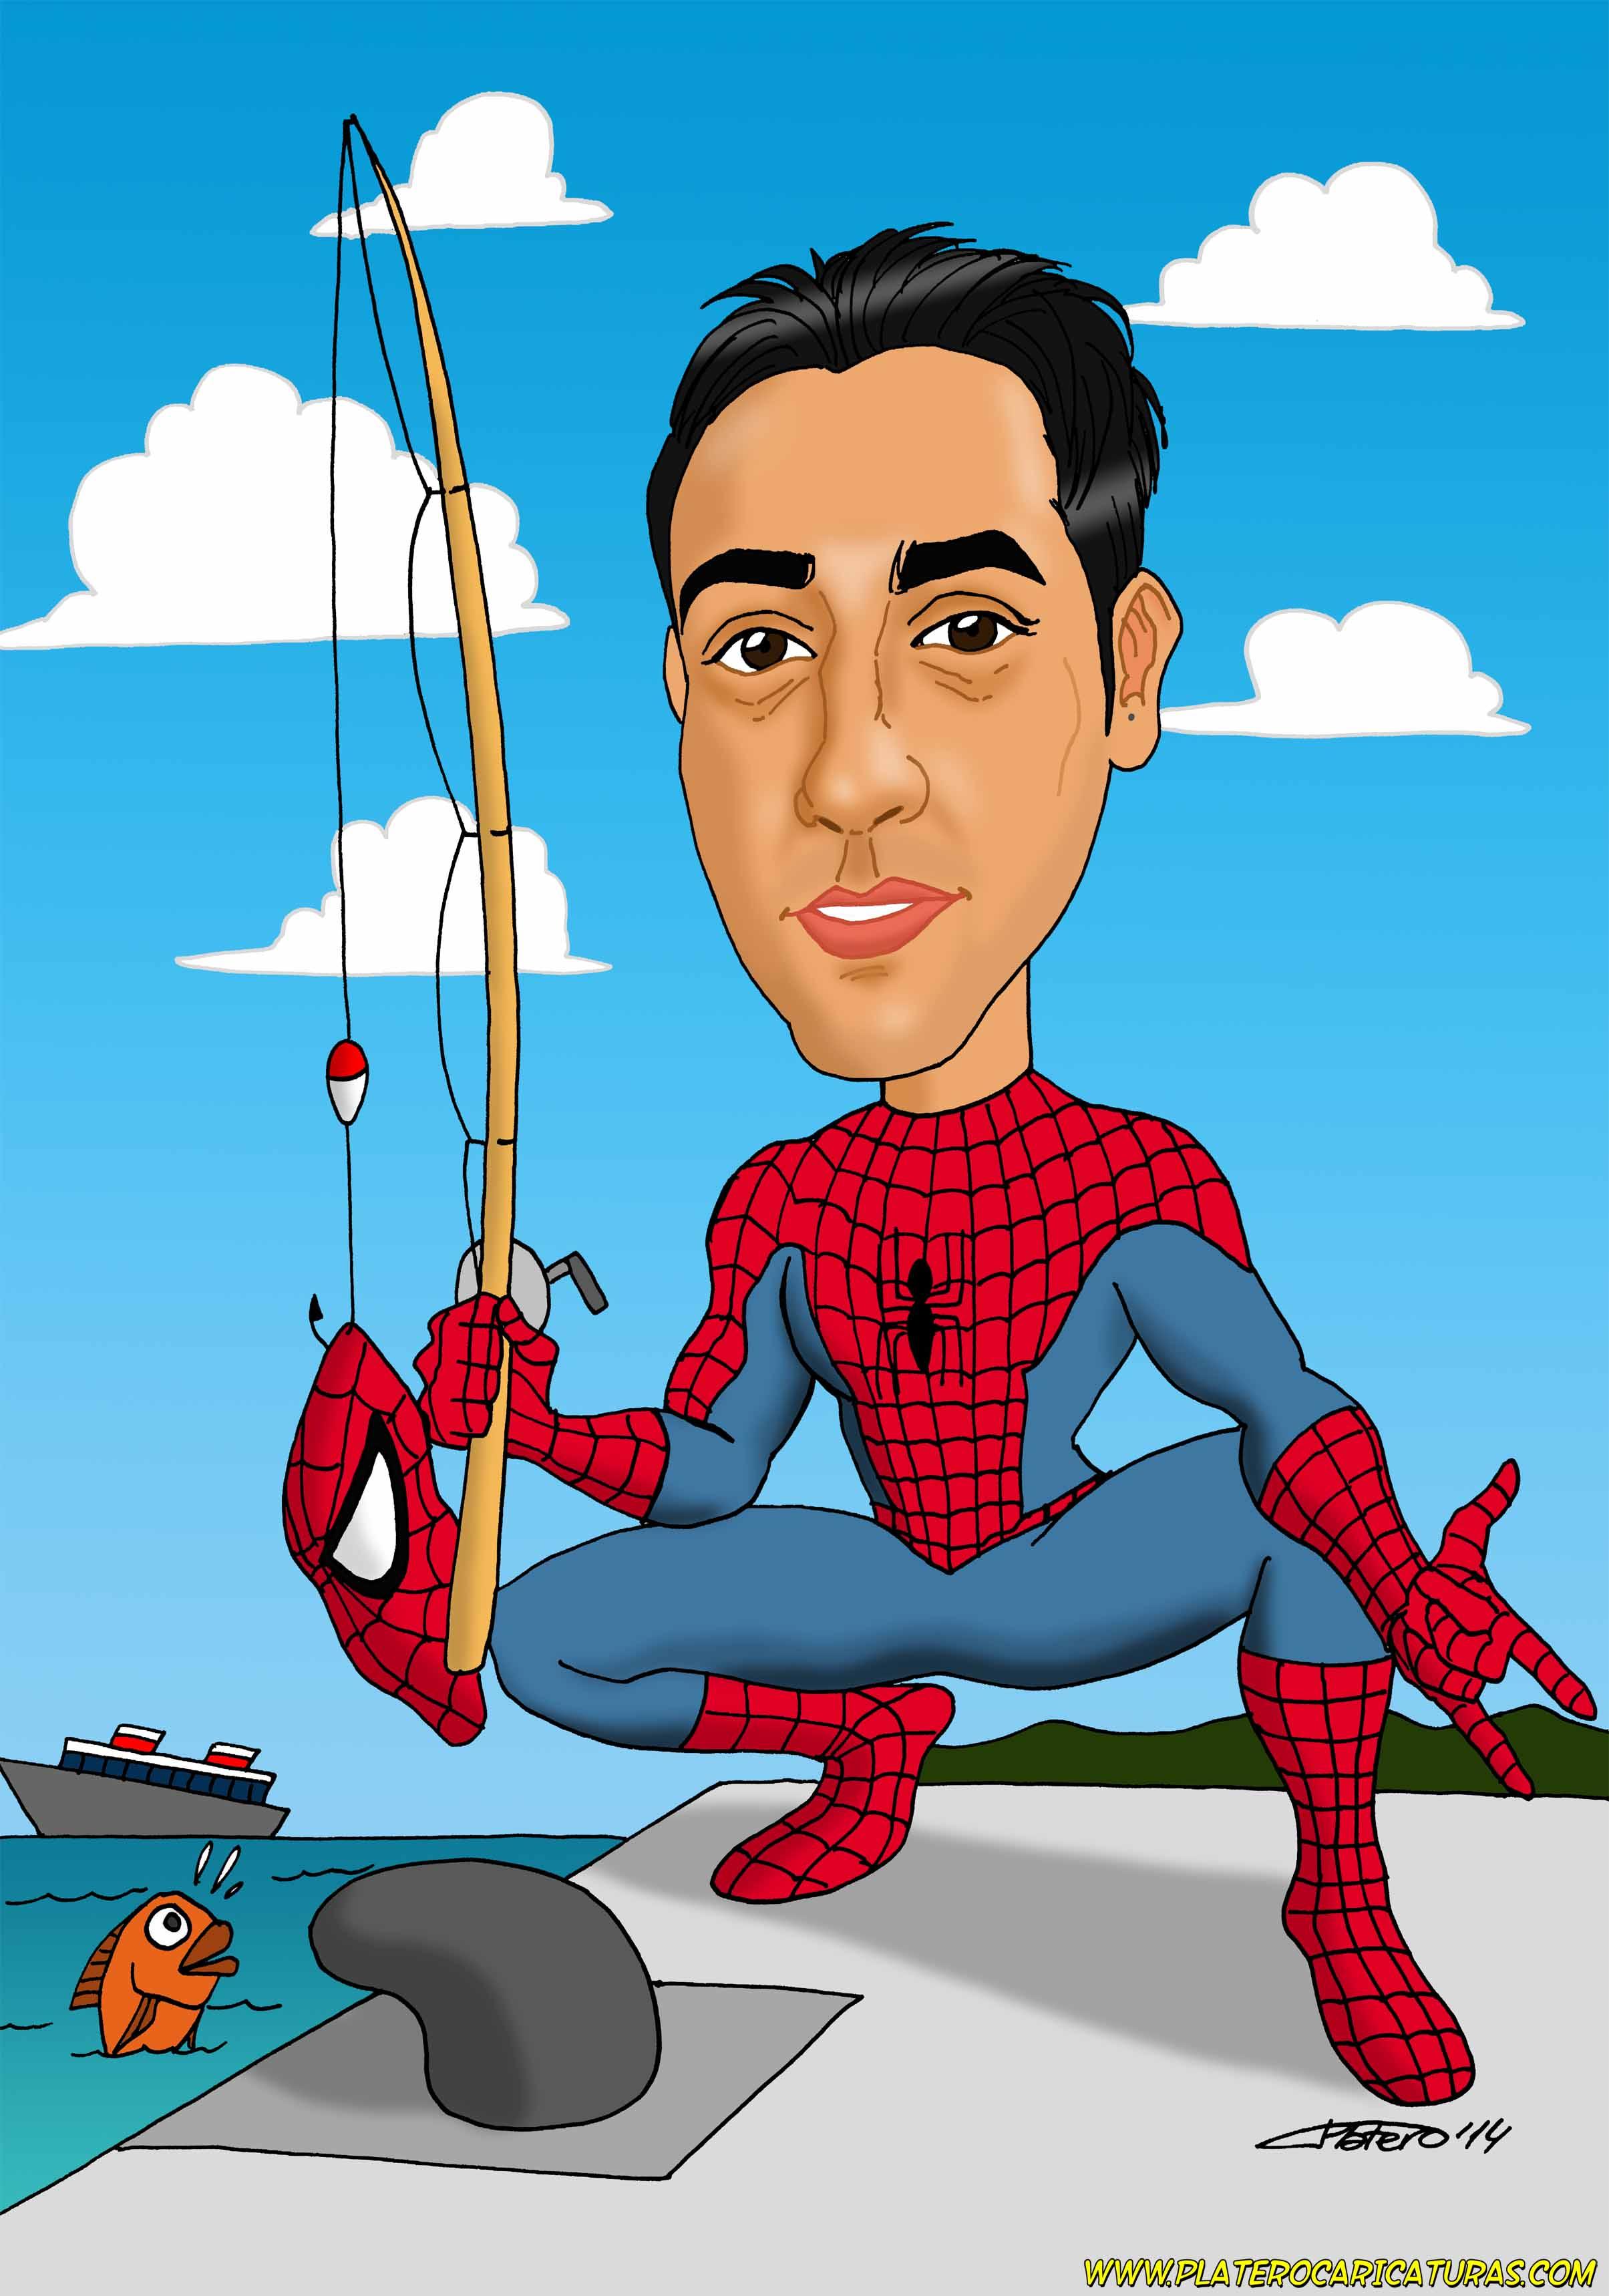 caricaturas_a_color_por_encargo_personalizadas_pescador_spiderman_platerocaricat